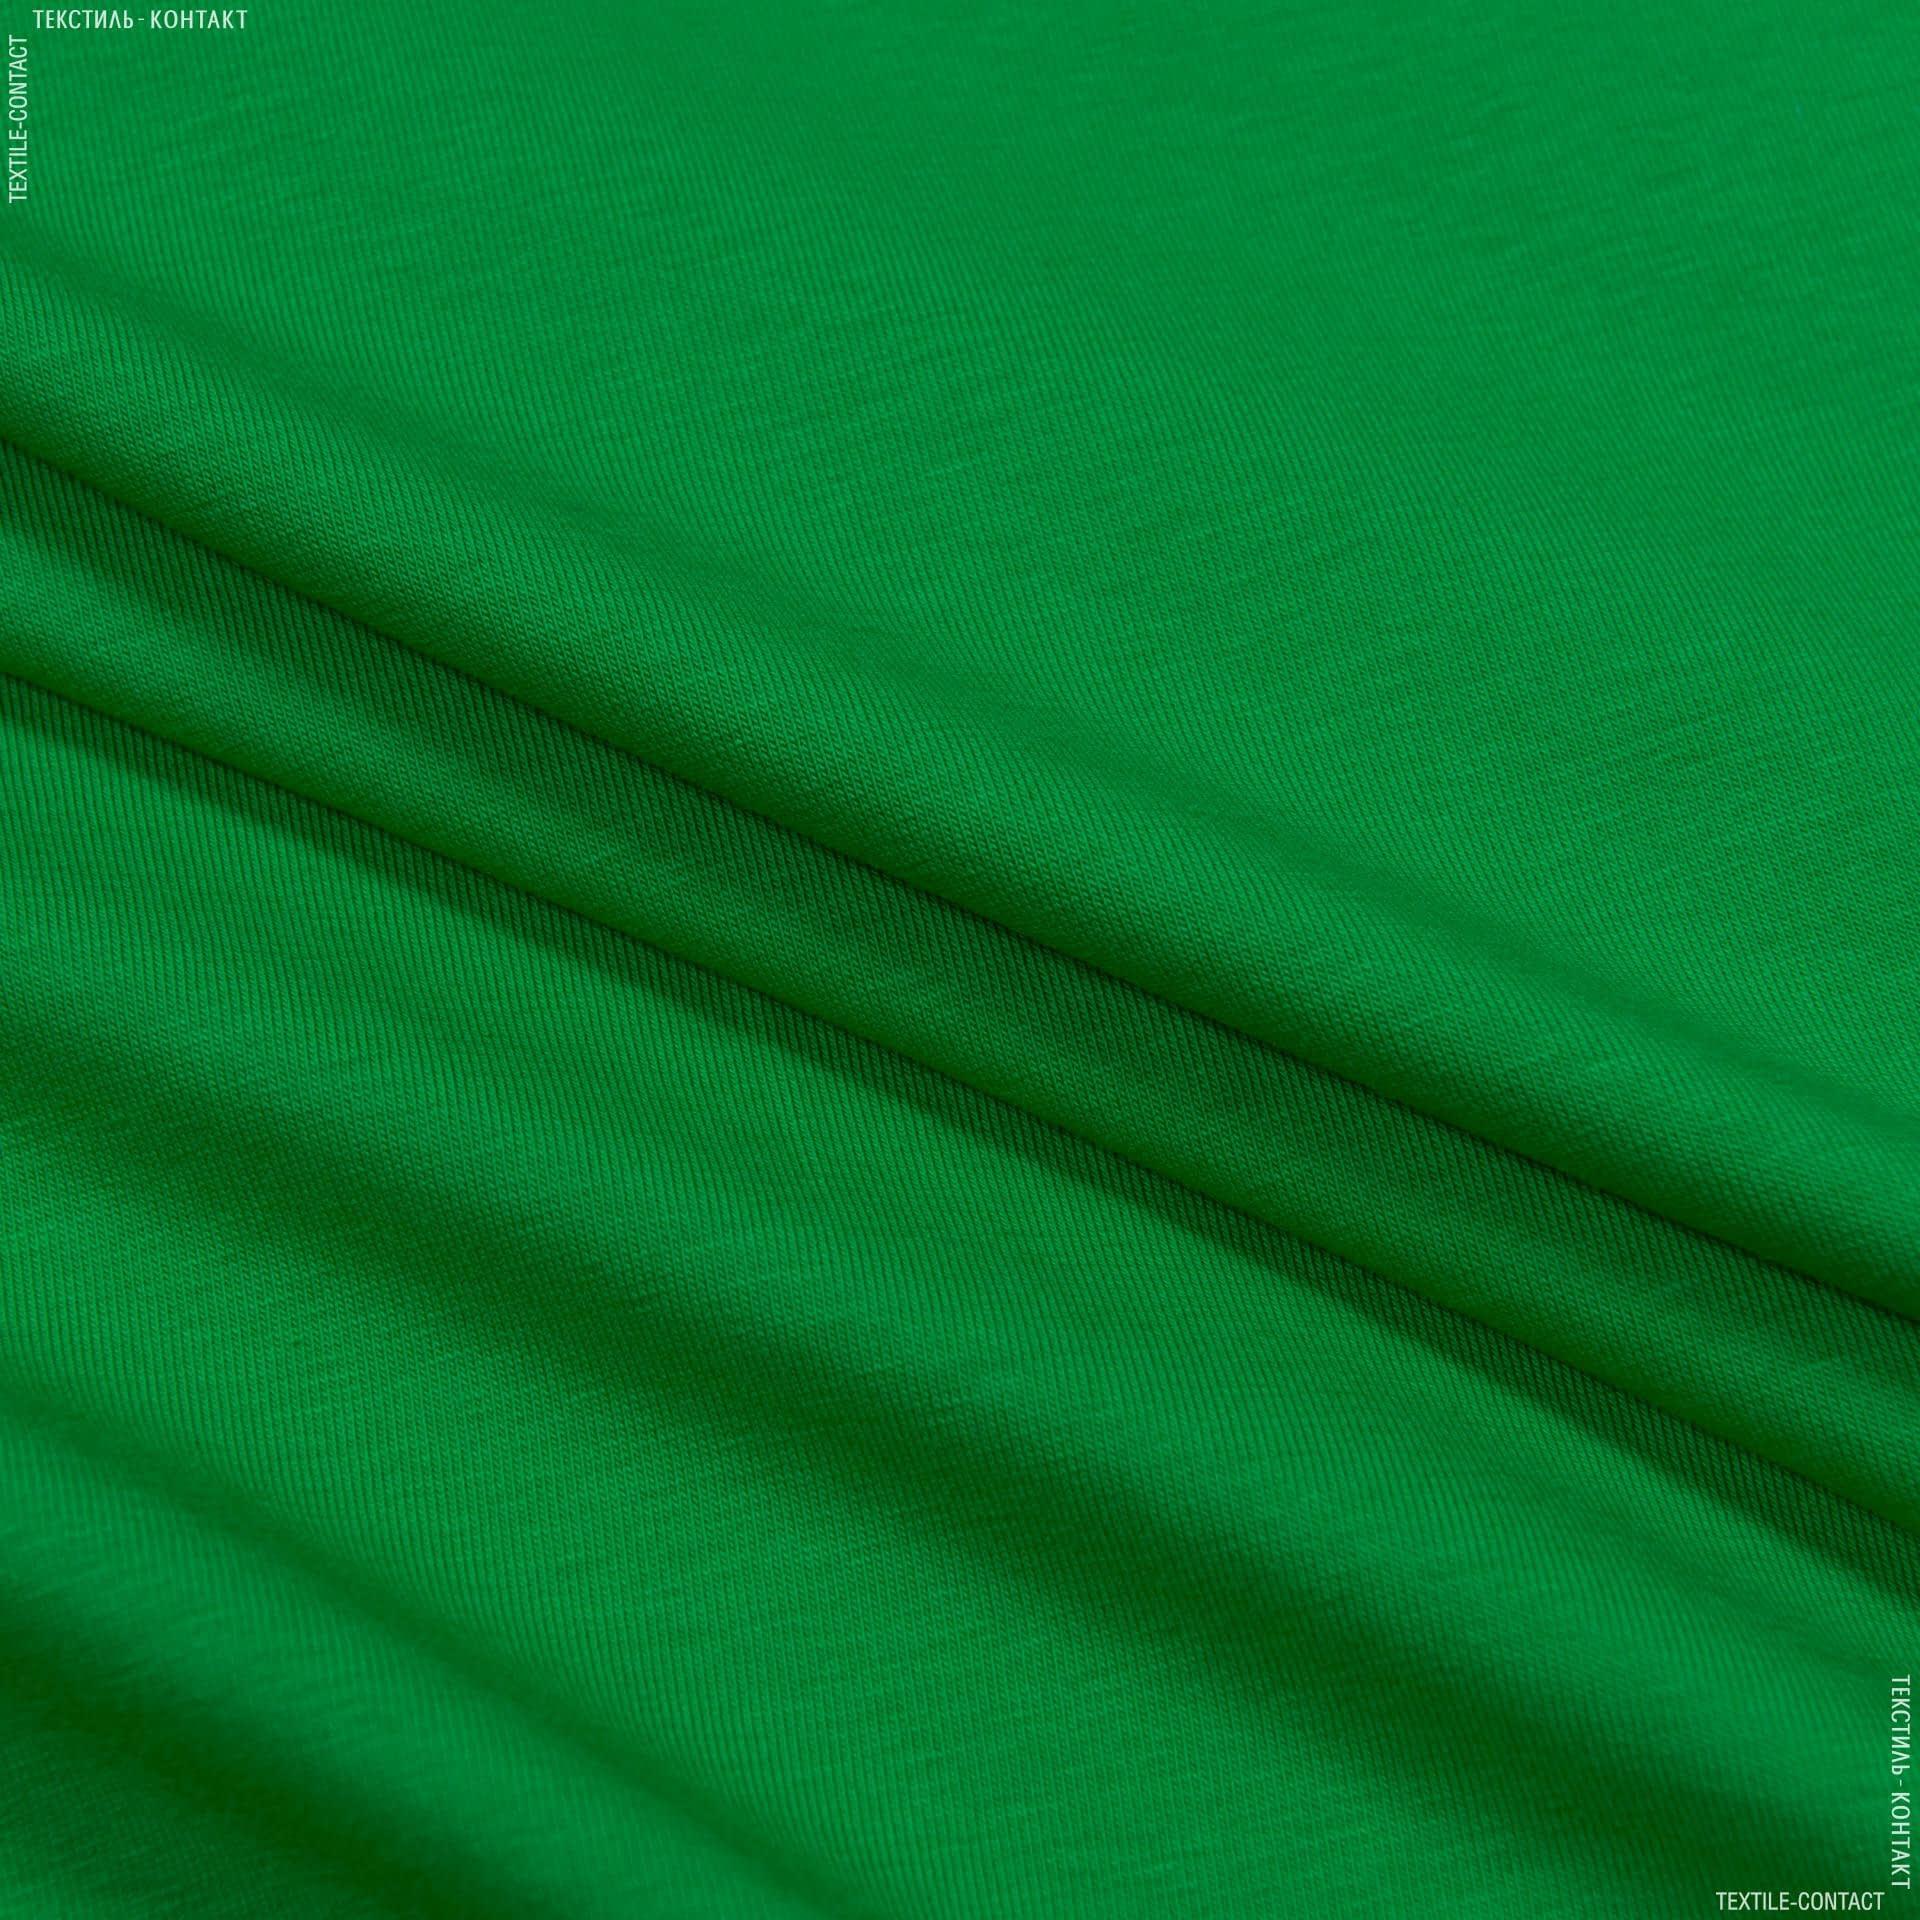 Тканини для спортивного одягу - Кулір-стрейч penye світло-зелений